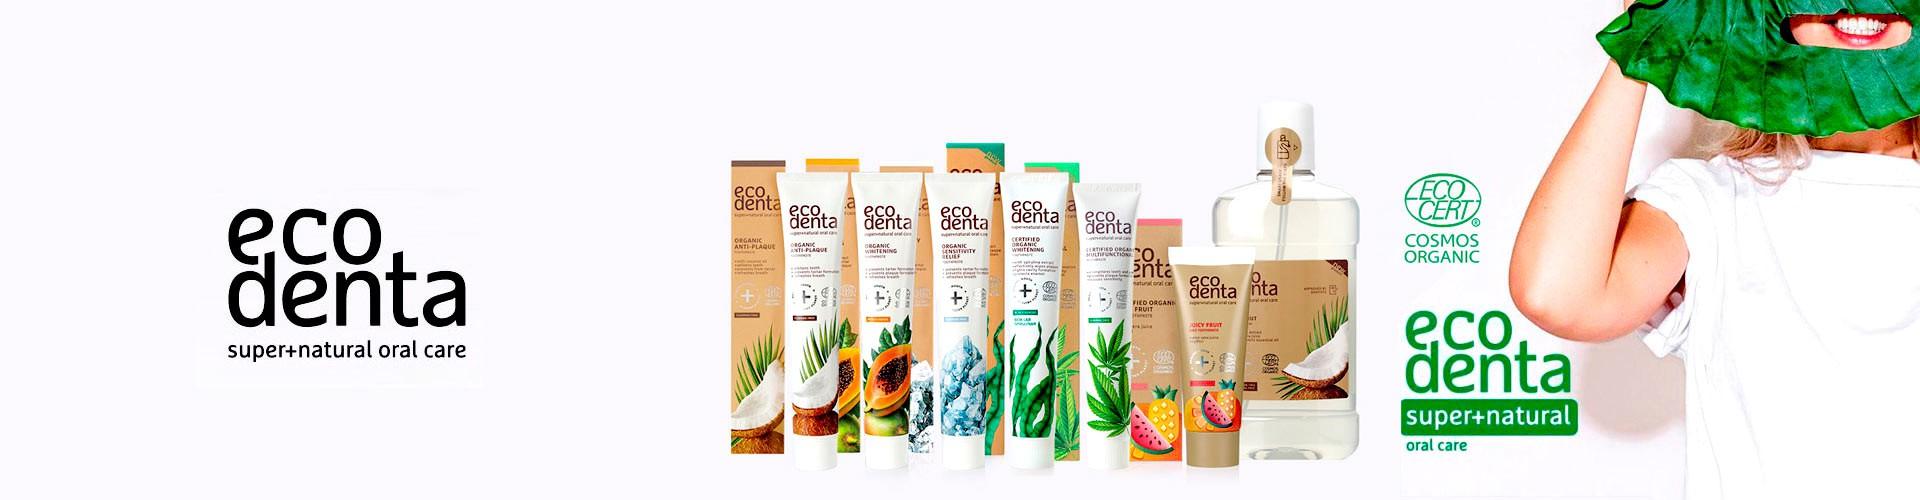 Pasta de dientes ecológica / orgánica online